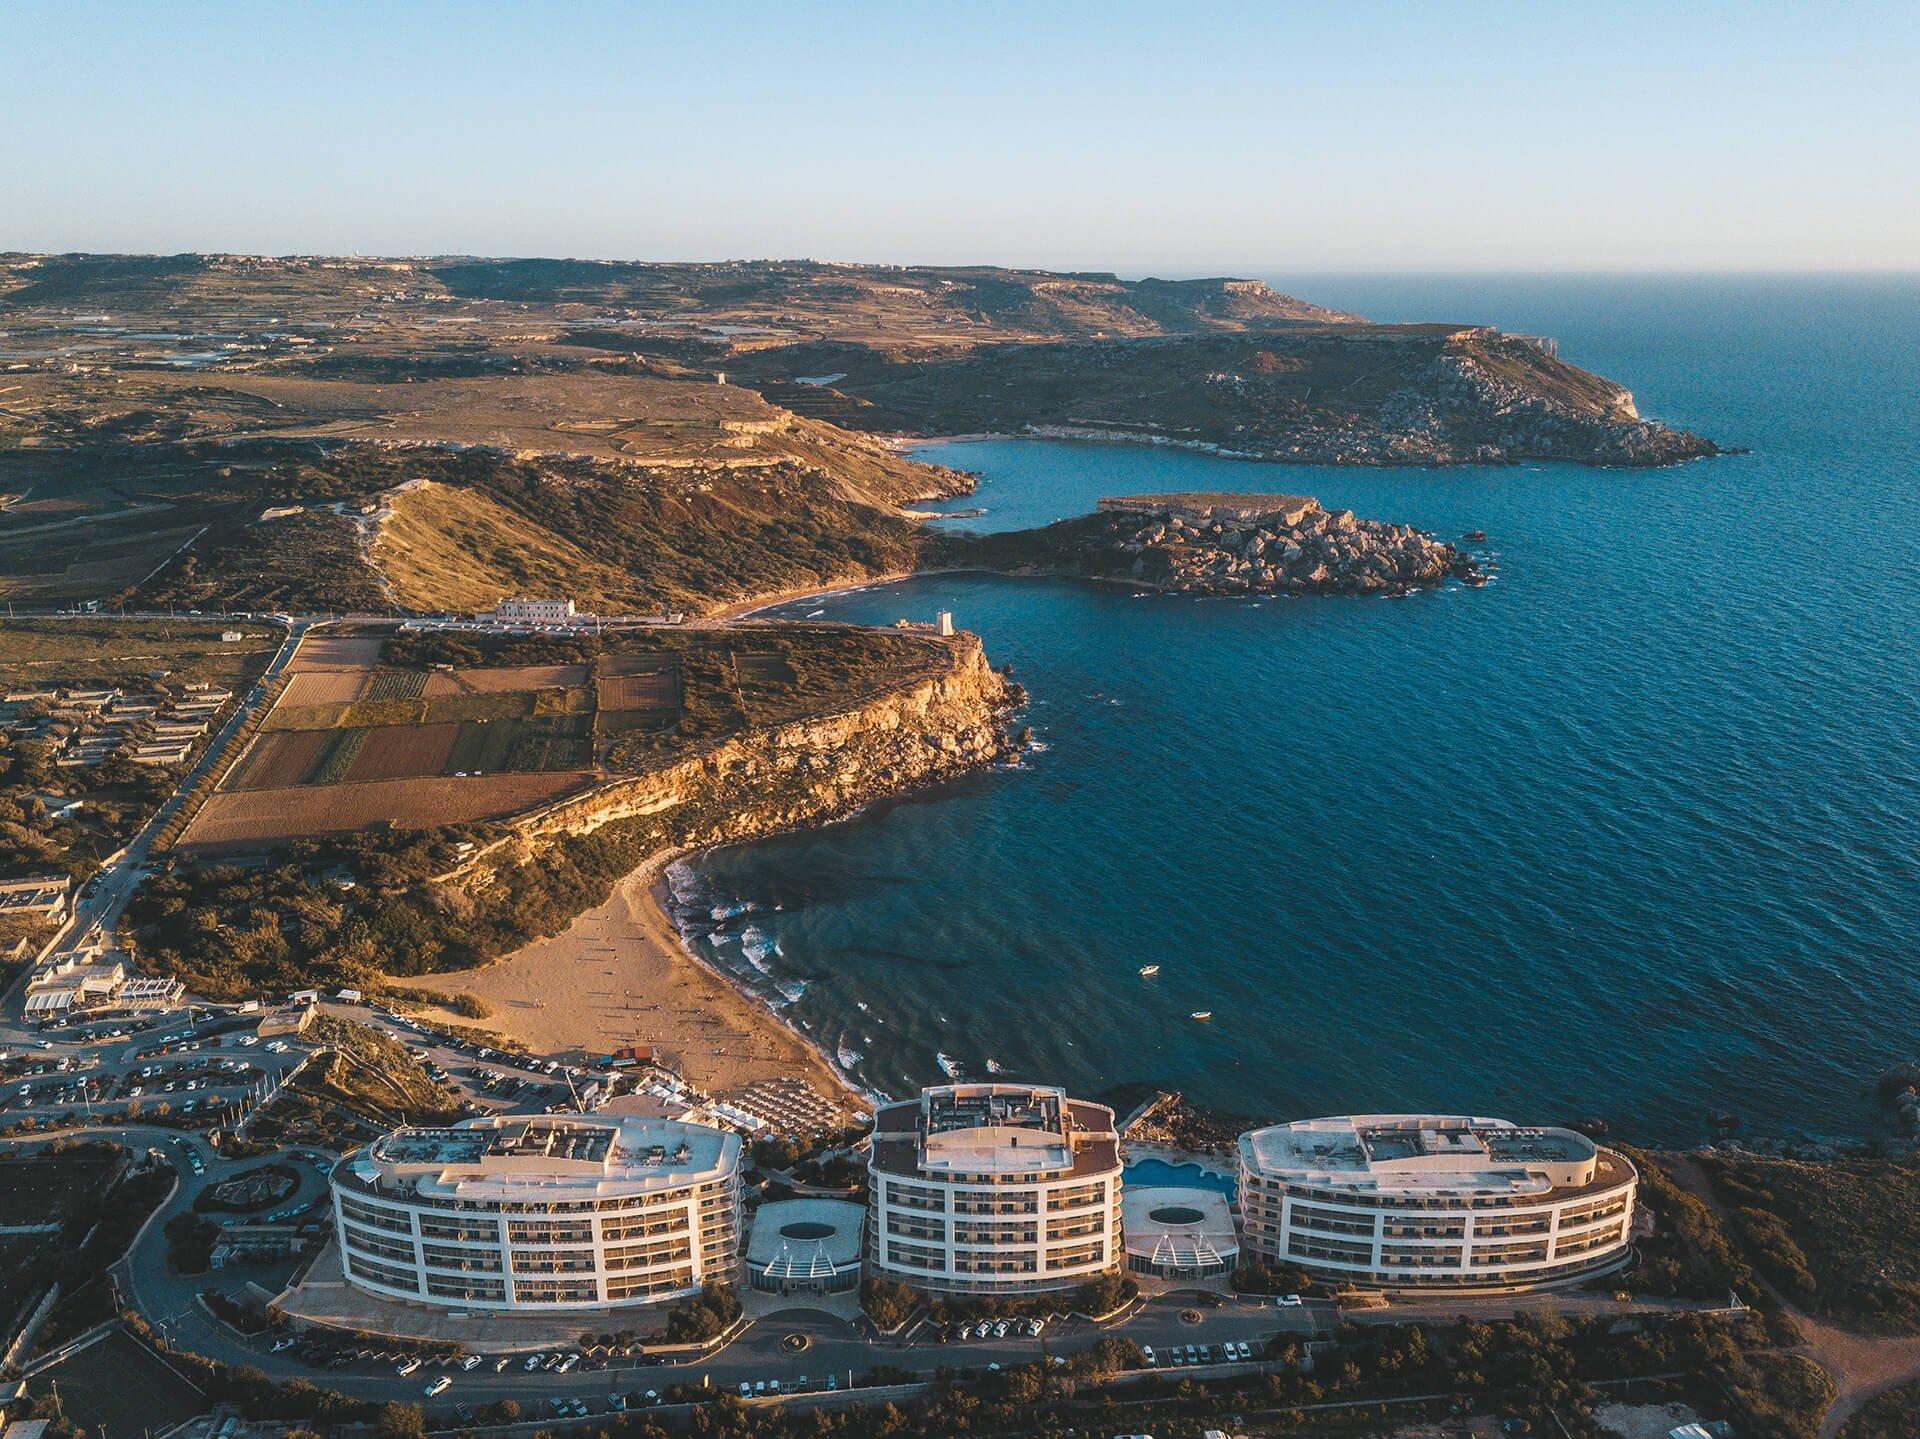 Radisson Golden Sands Resort